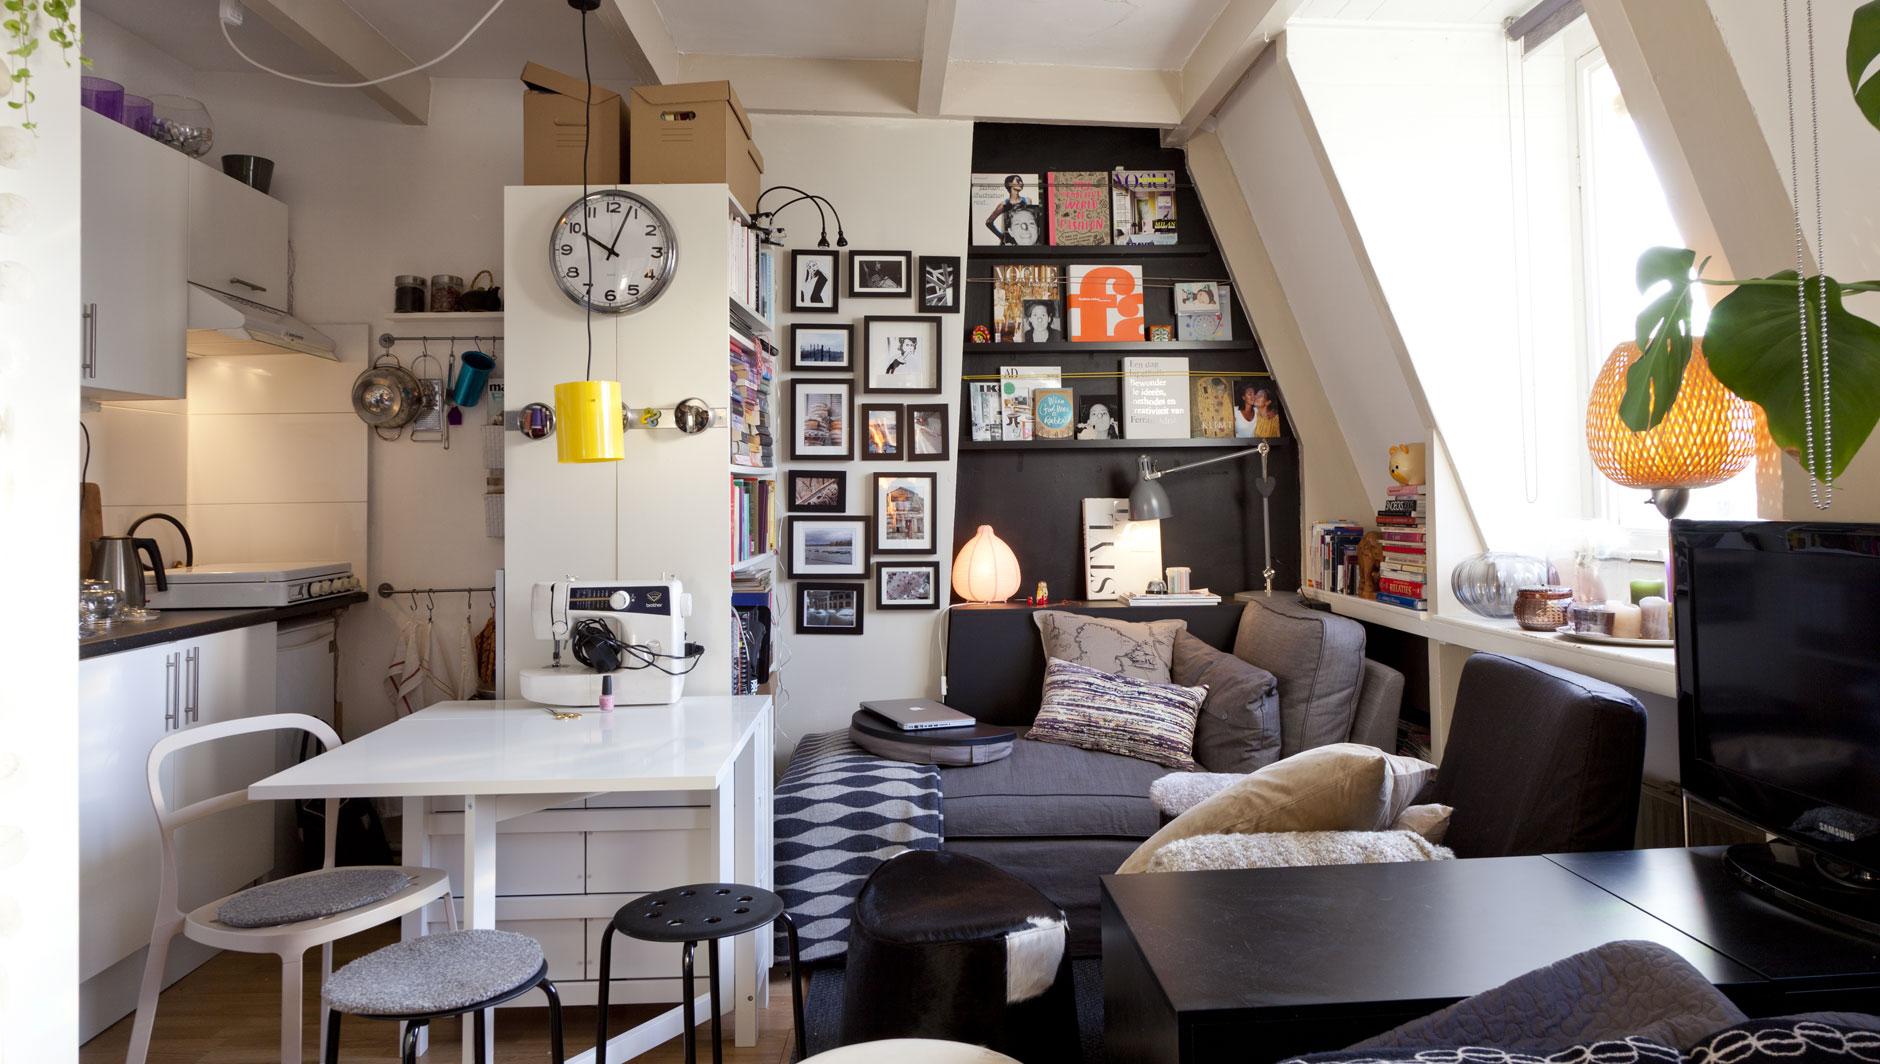 Brianna Lancaster/Apartment